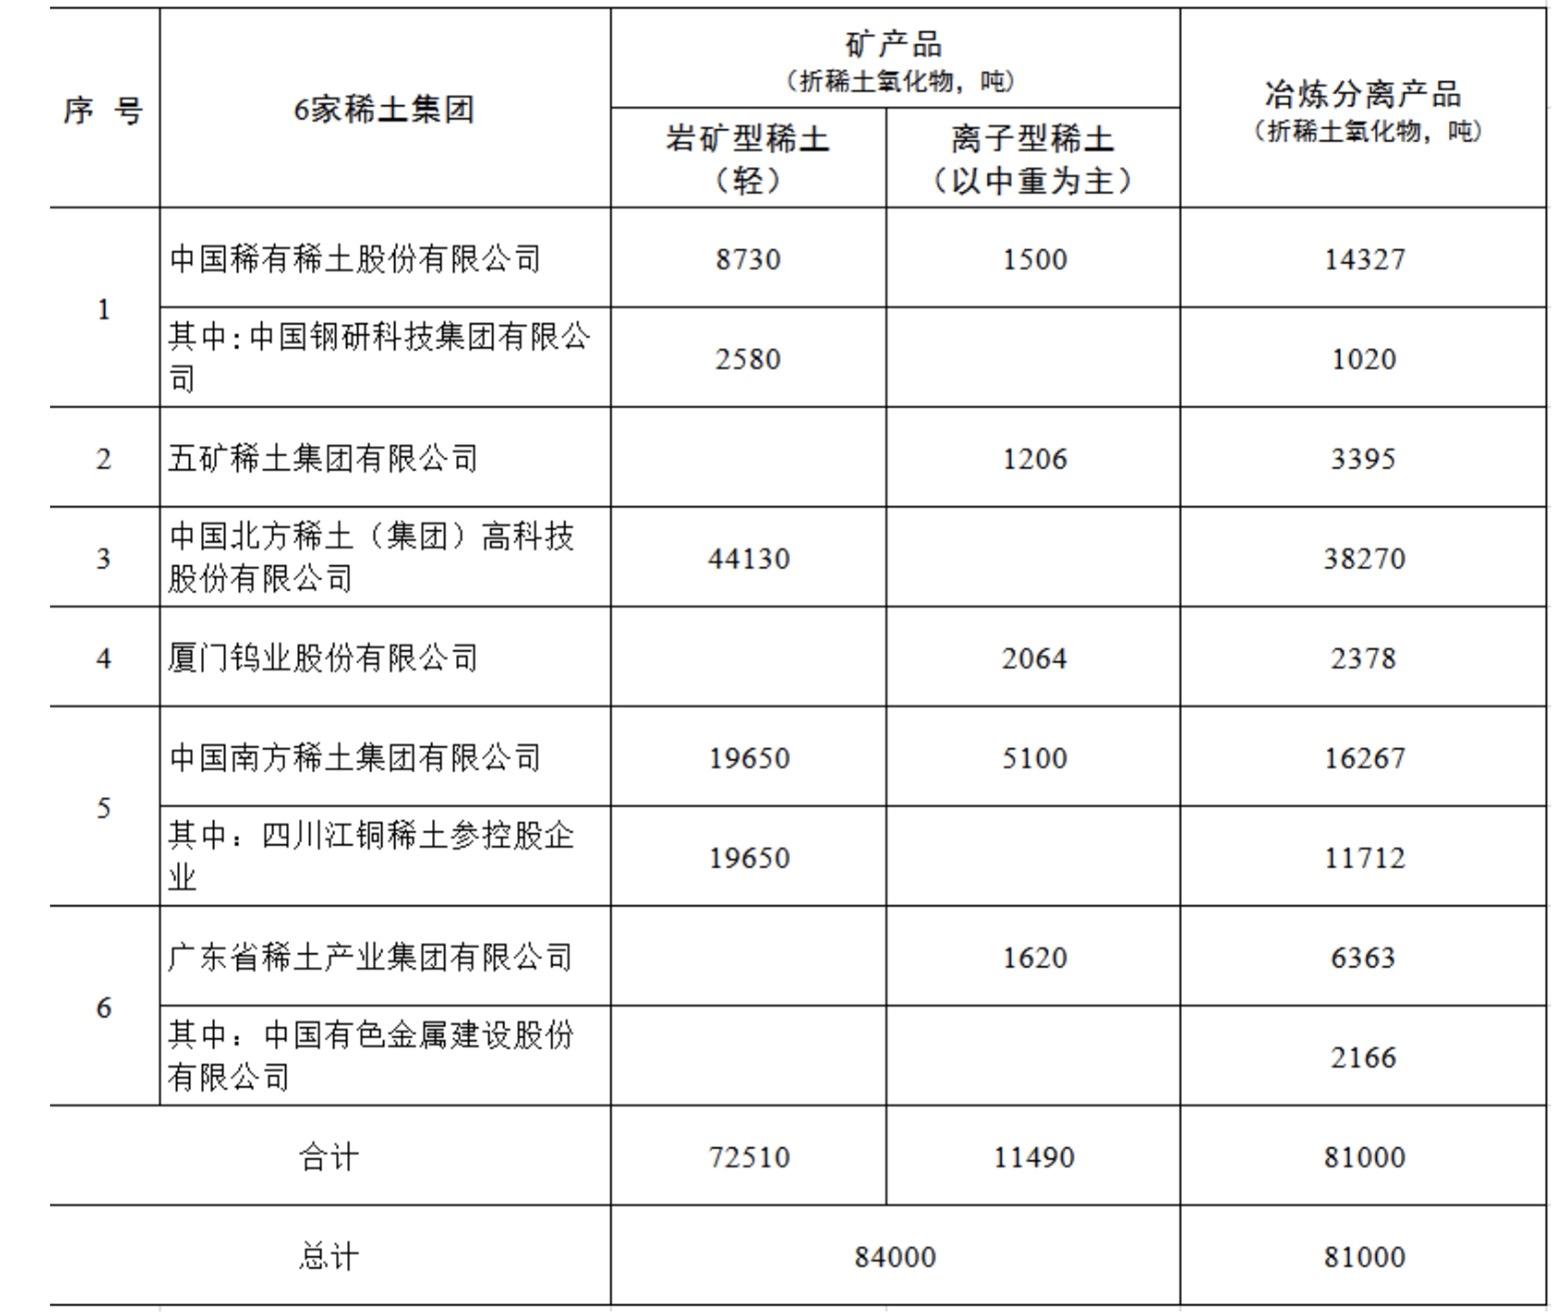 两部委下达2021年第一批稀土开采、冶炼分离总量控制指标 分别为84000吨、81000吨